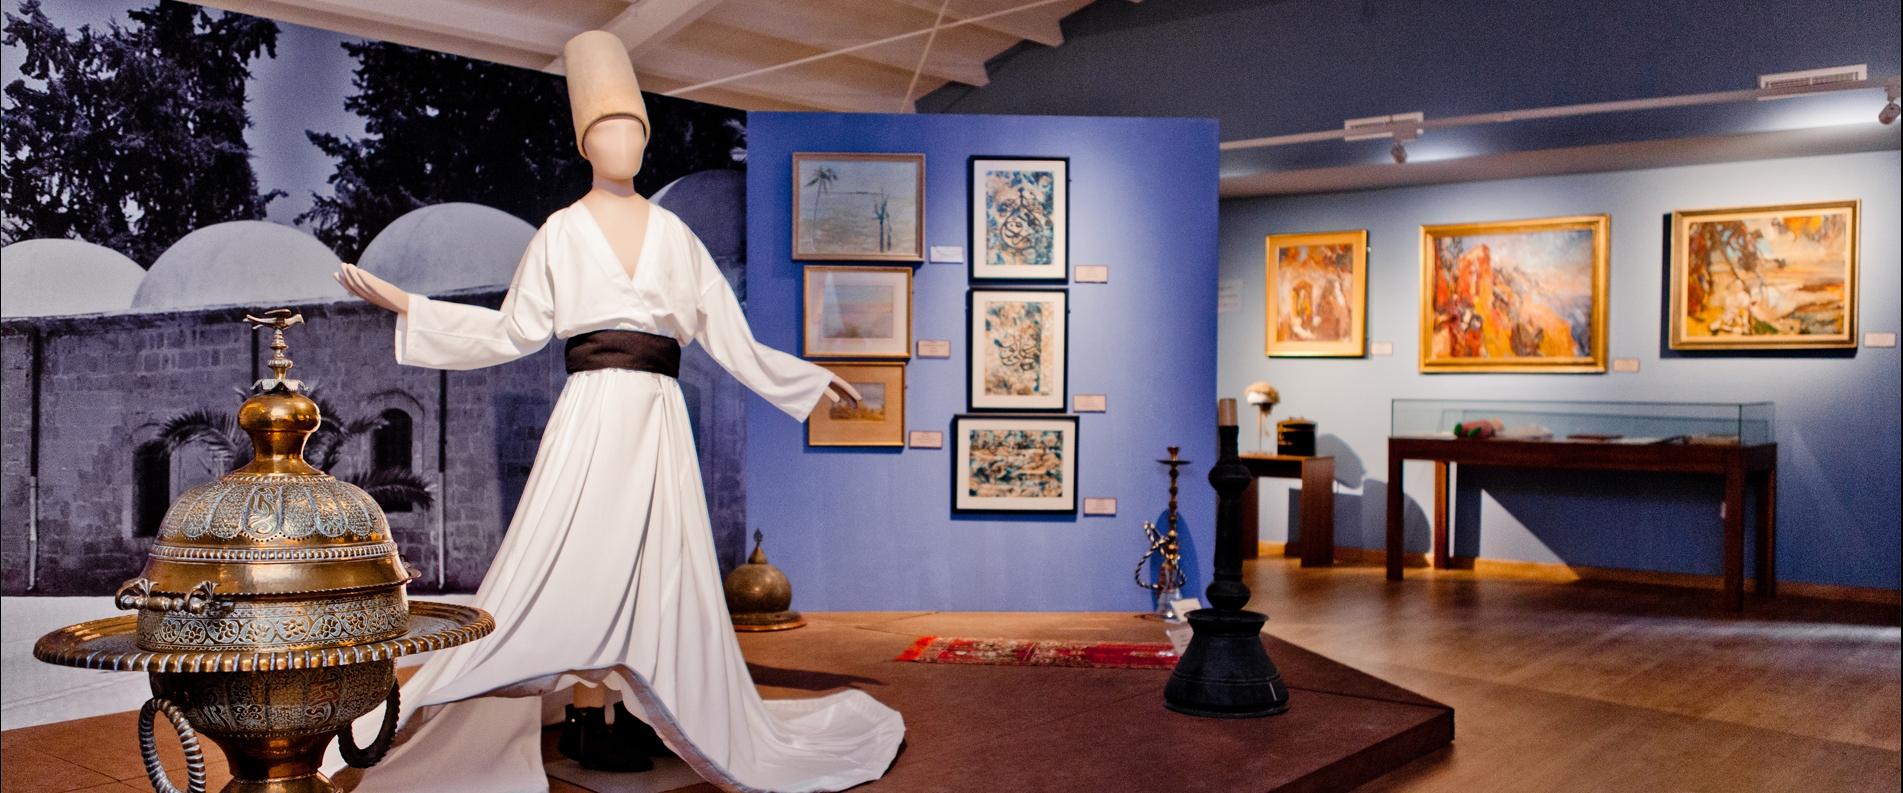 Центр визуальных искусств и исследований CVAR в Никосии